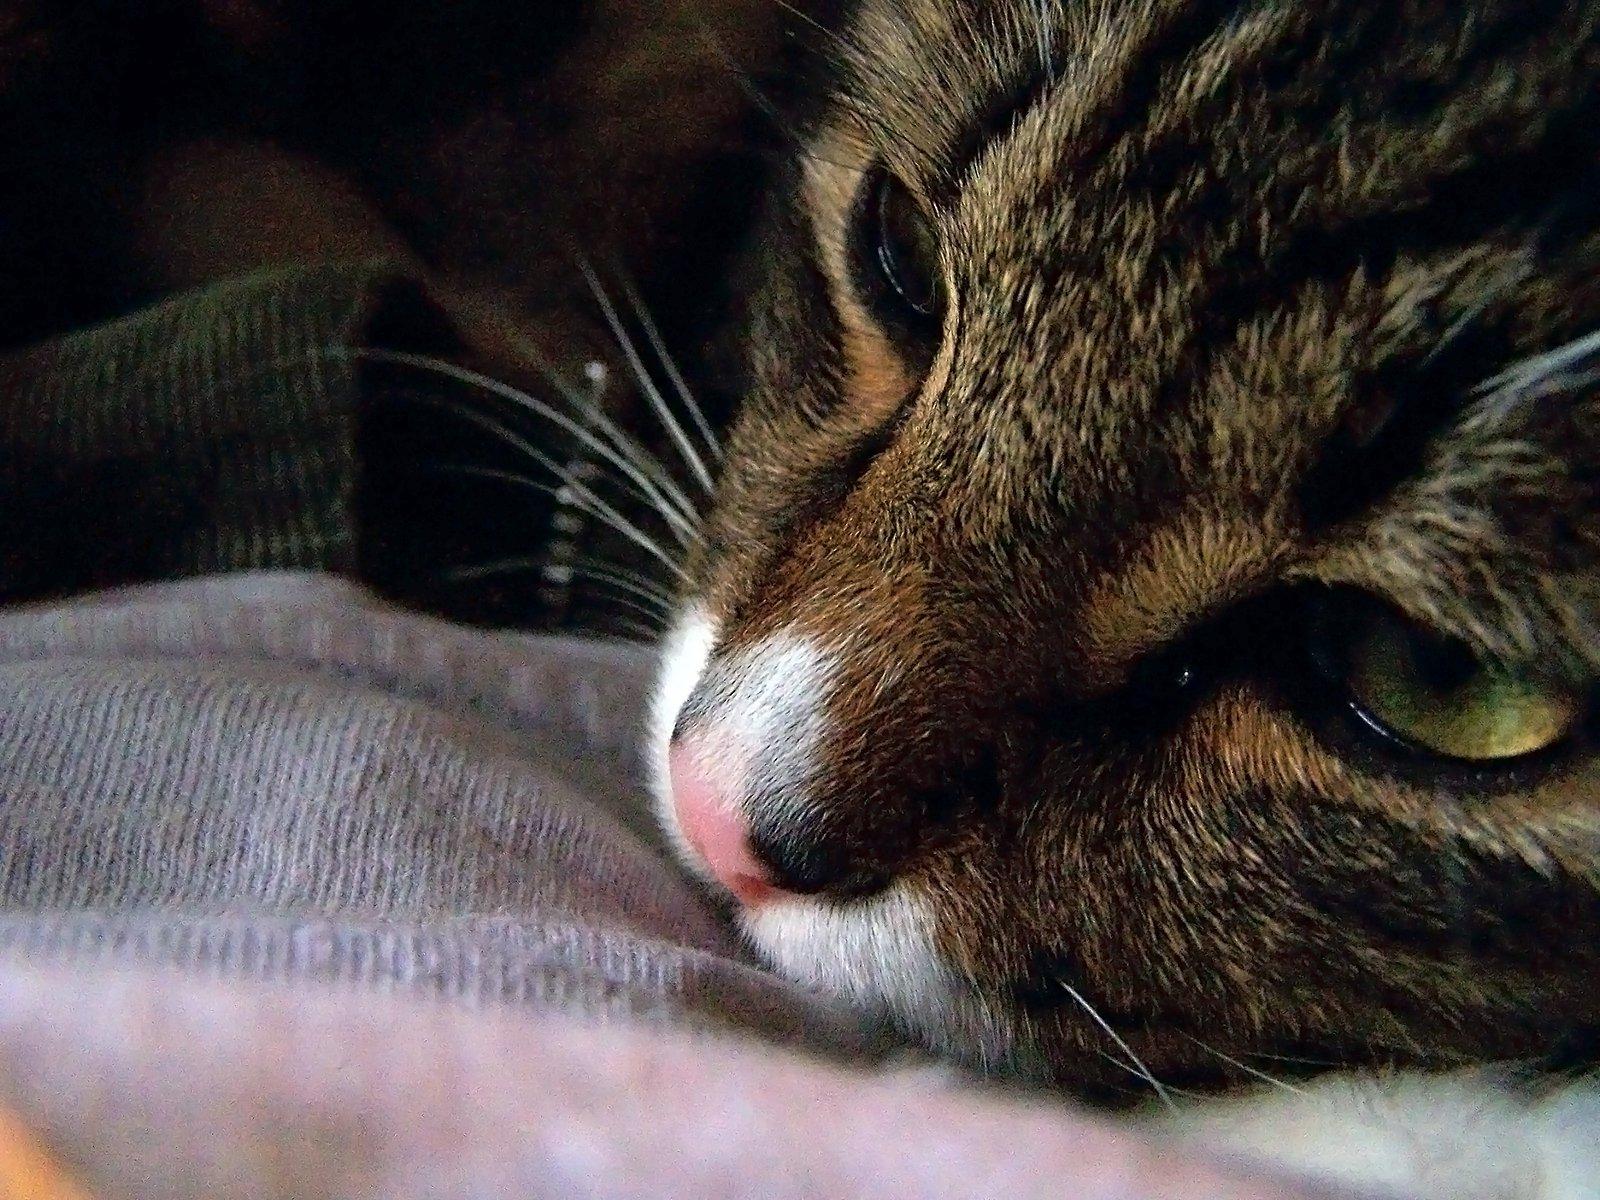 8 razones por las cuales nunca deberías desgarrar a tus gatos | Blog | PETA Latino